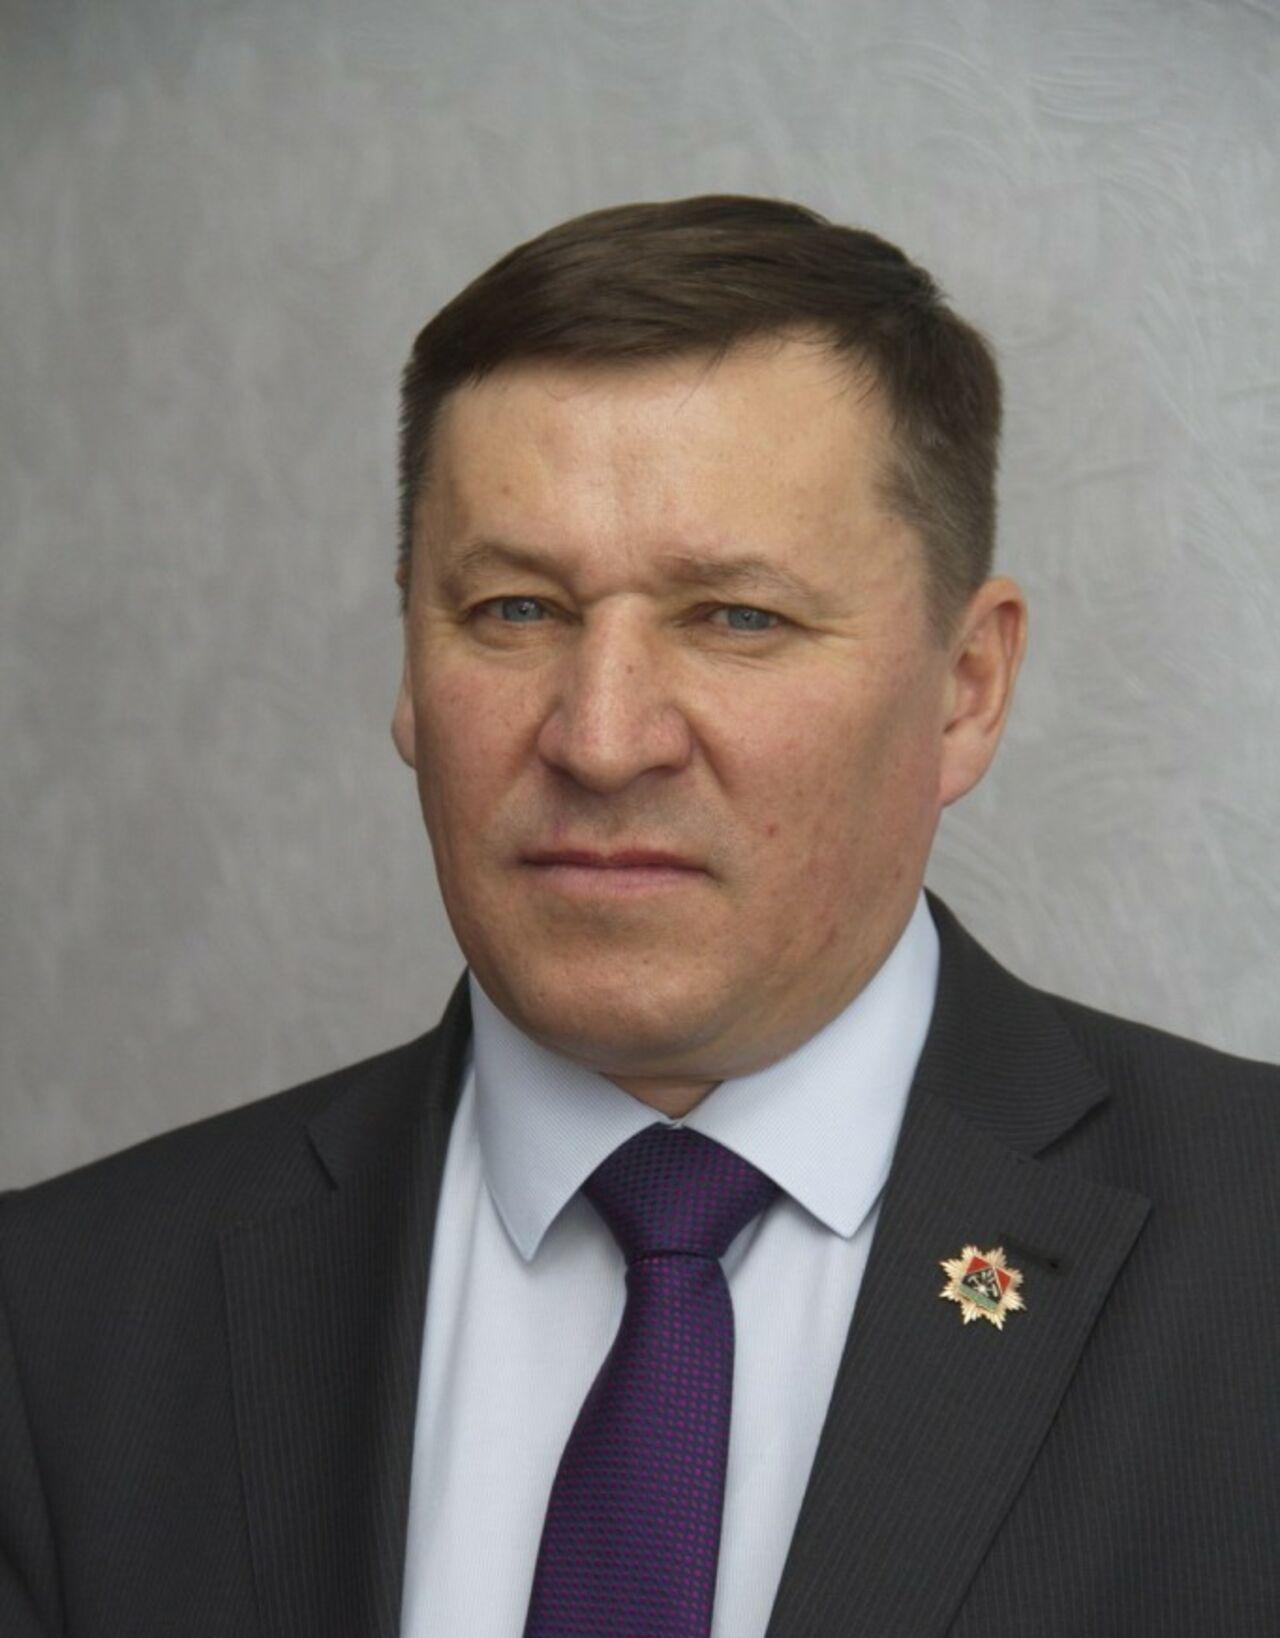 Начальником дептранса Кузбасса стал Евгений Курапов